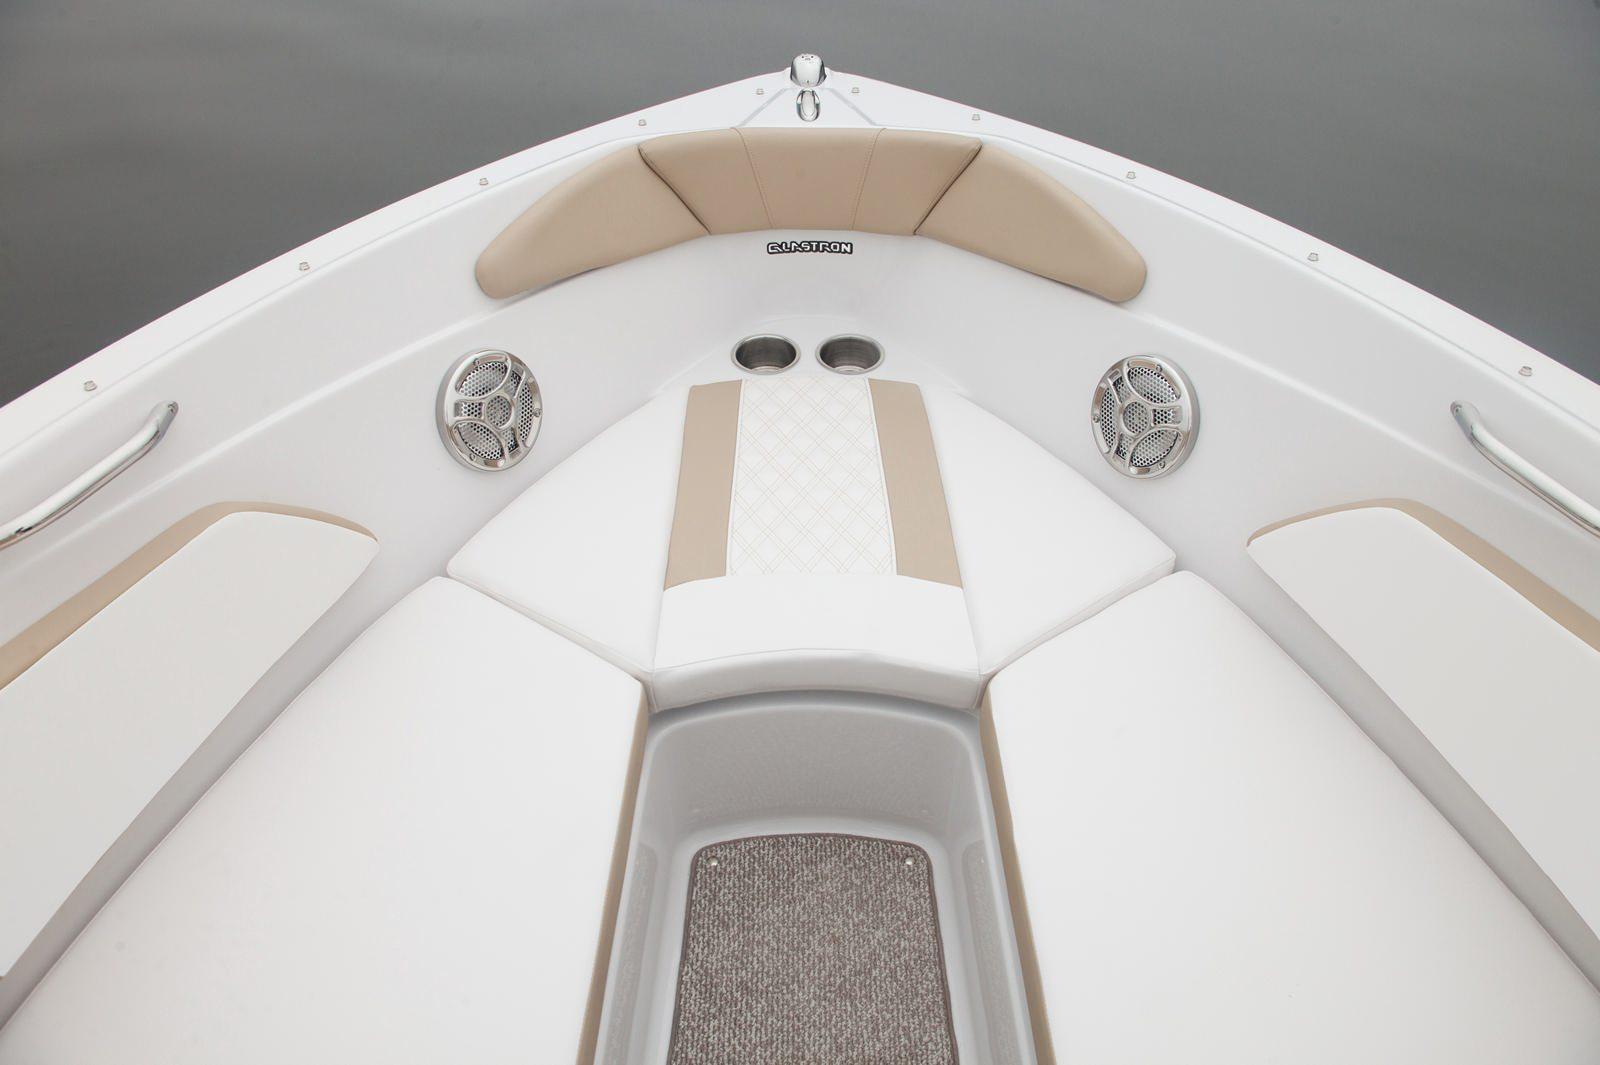 סירת ספורט Glastron 207 - סירת ספורט Glastron 207 - סטרים יאכטות